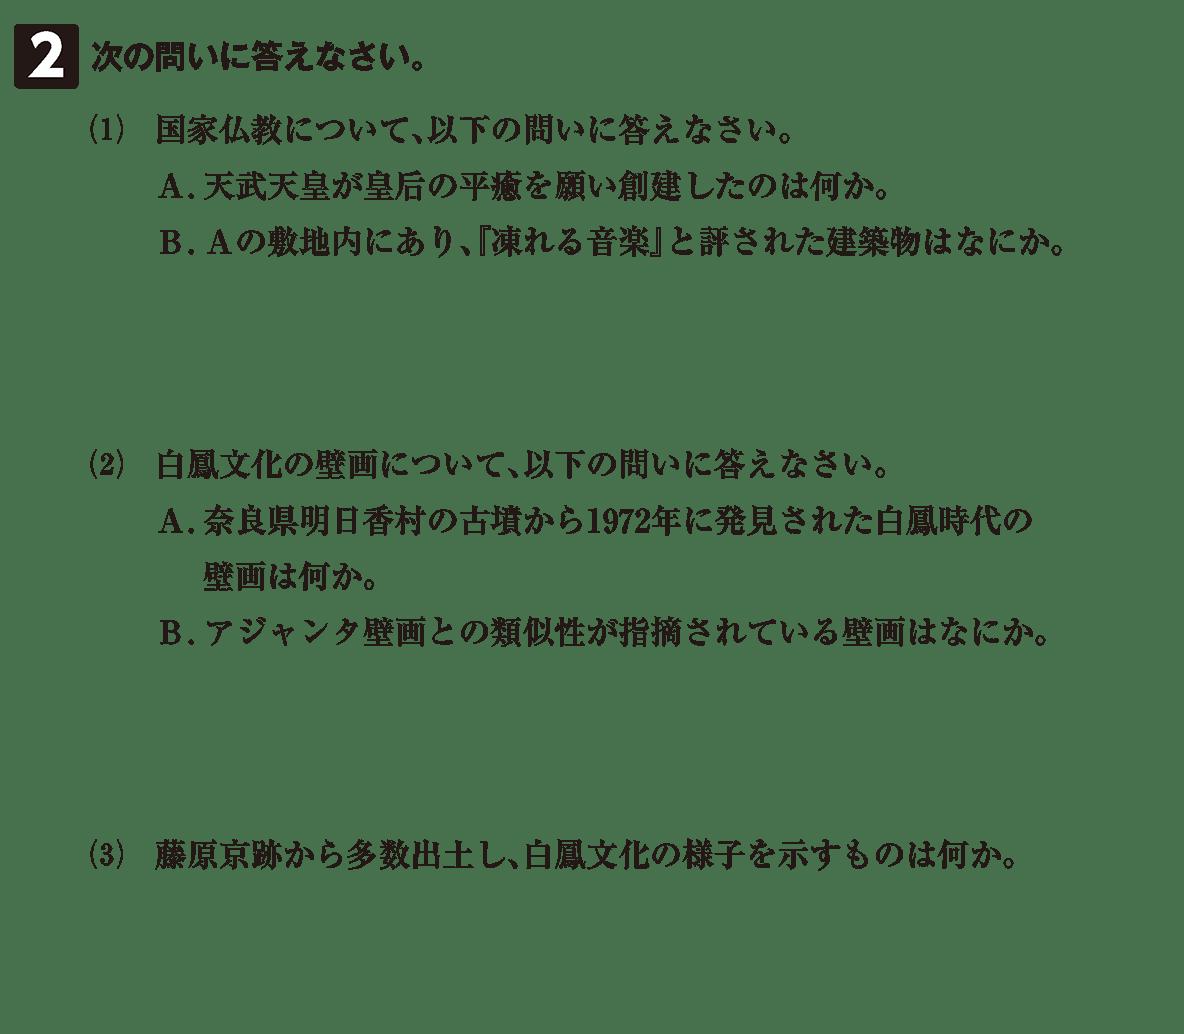 原始・古代文化6 問題2 問題